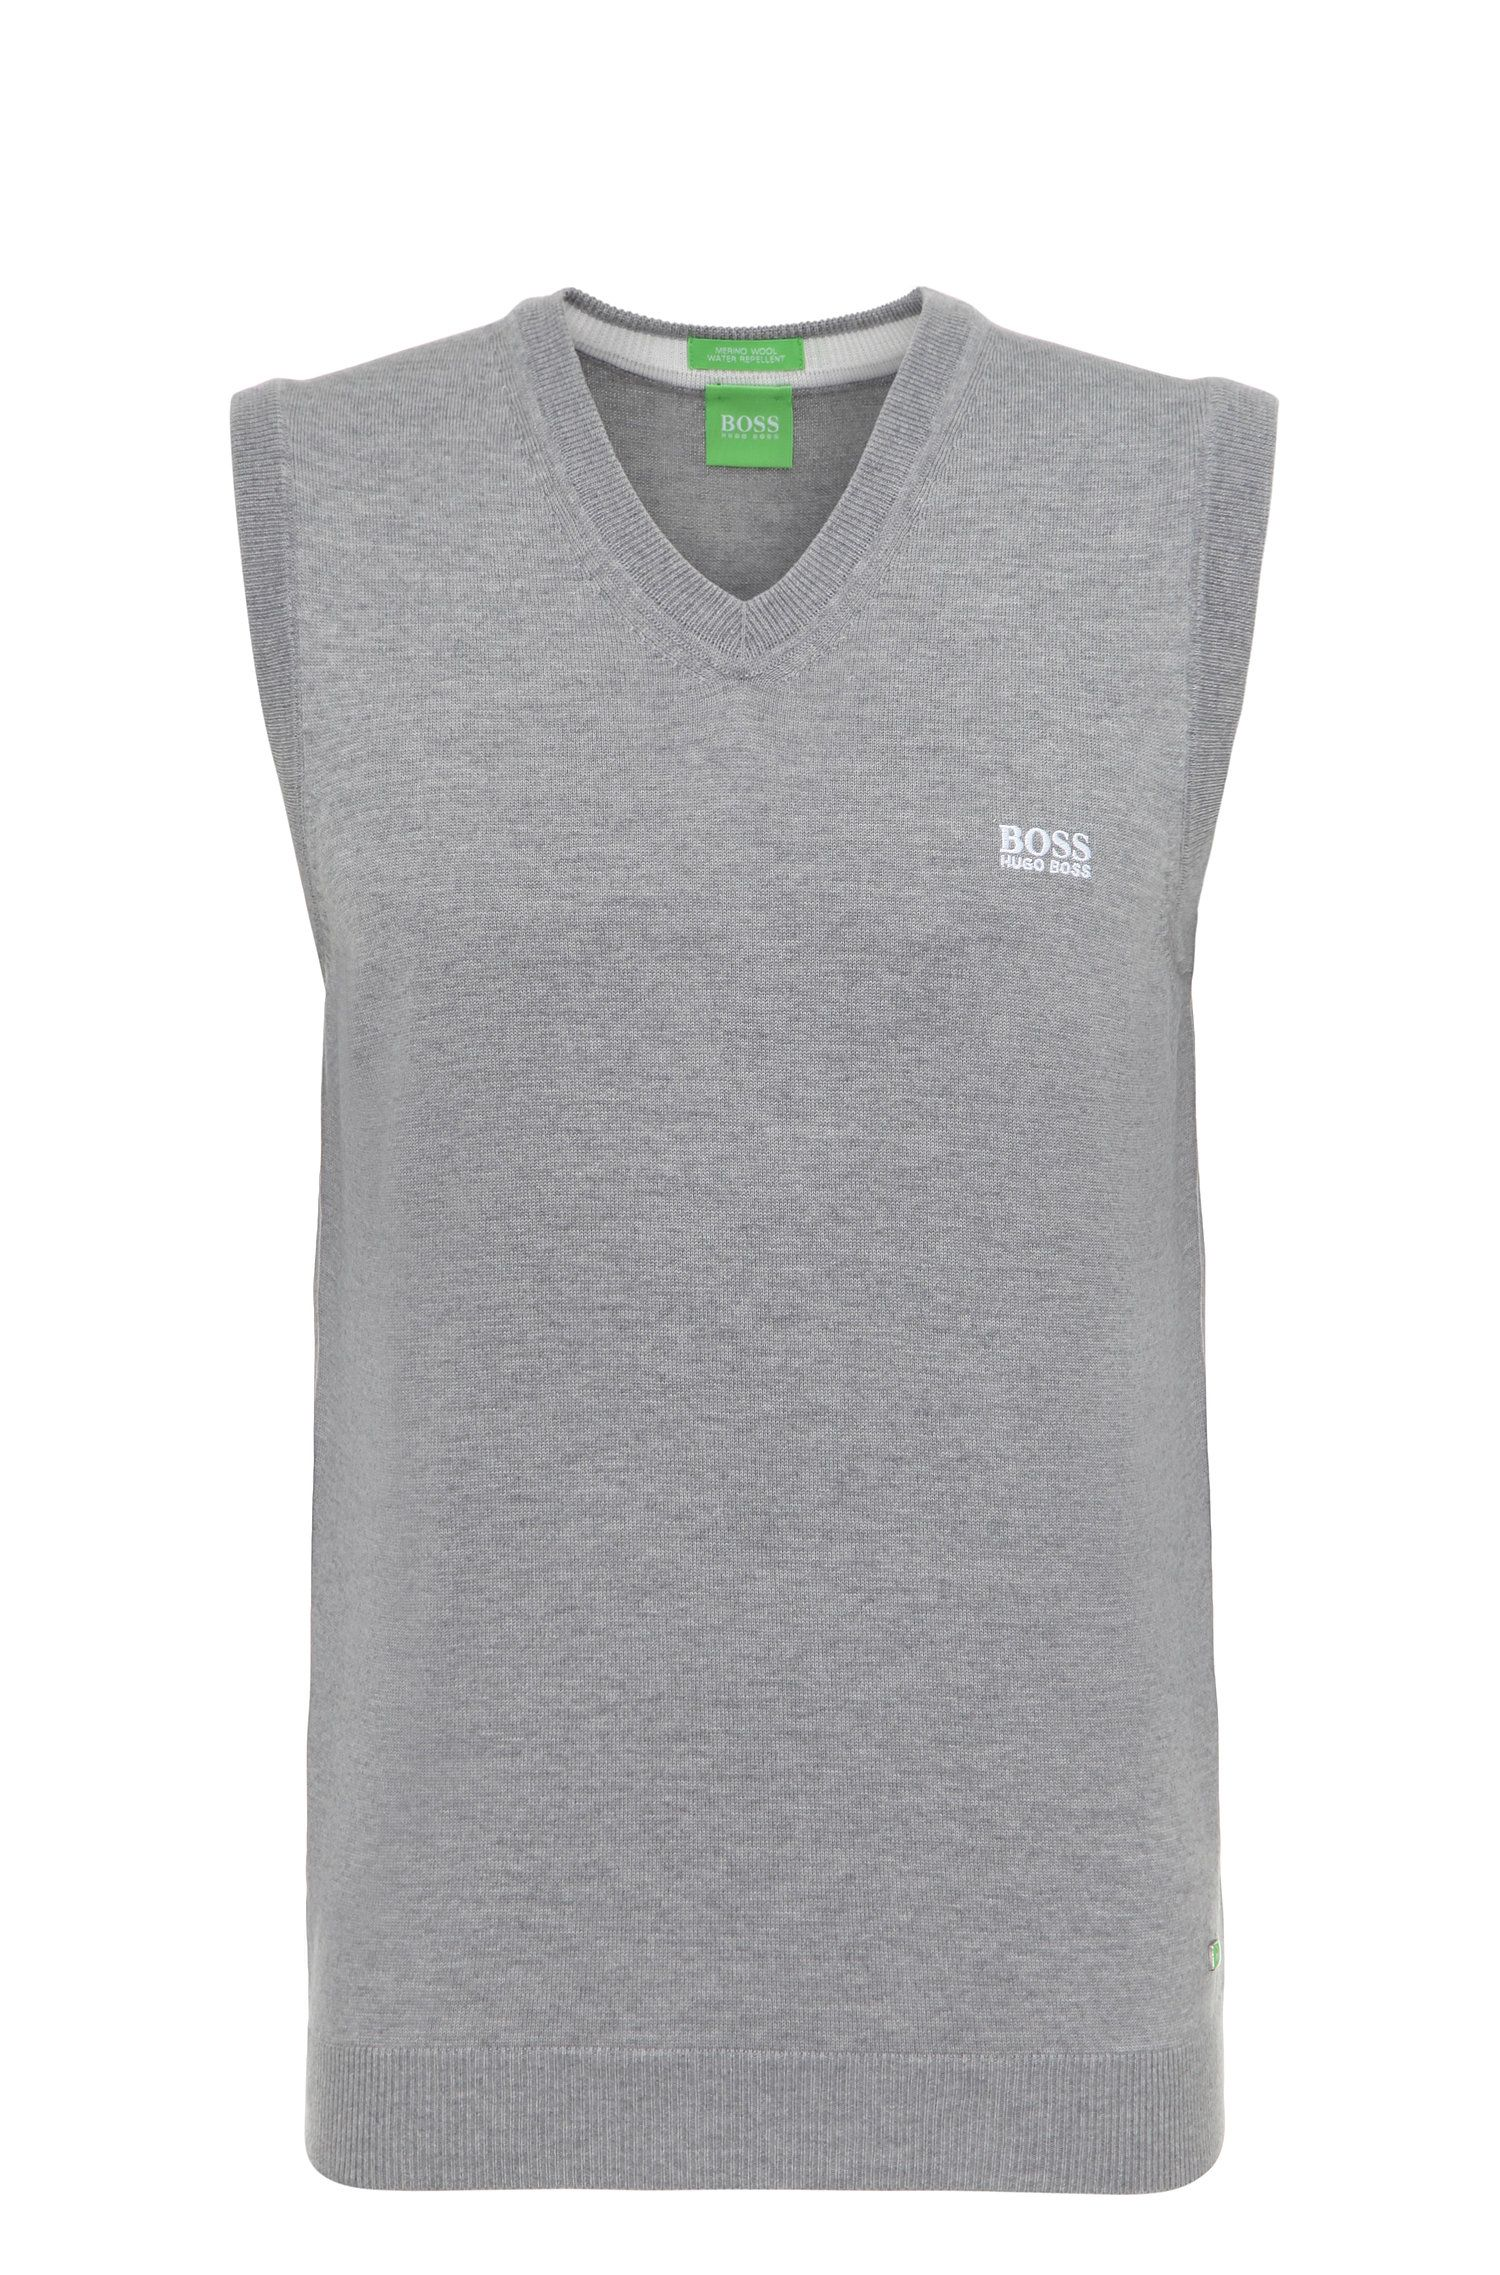 'Vily' | Virgin Wool Sweater Vest